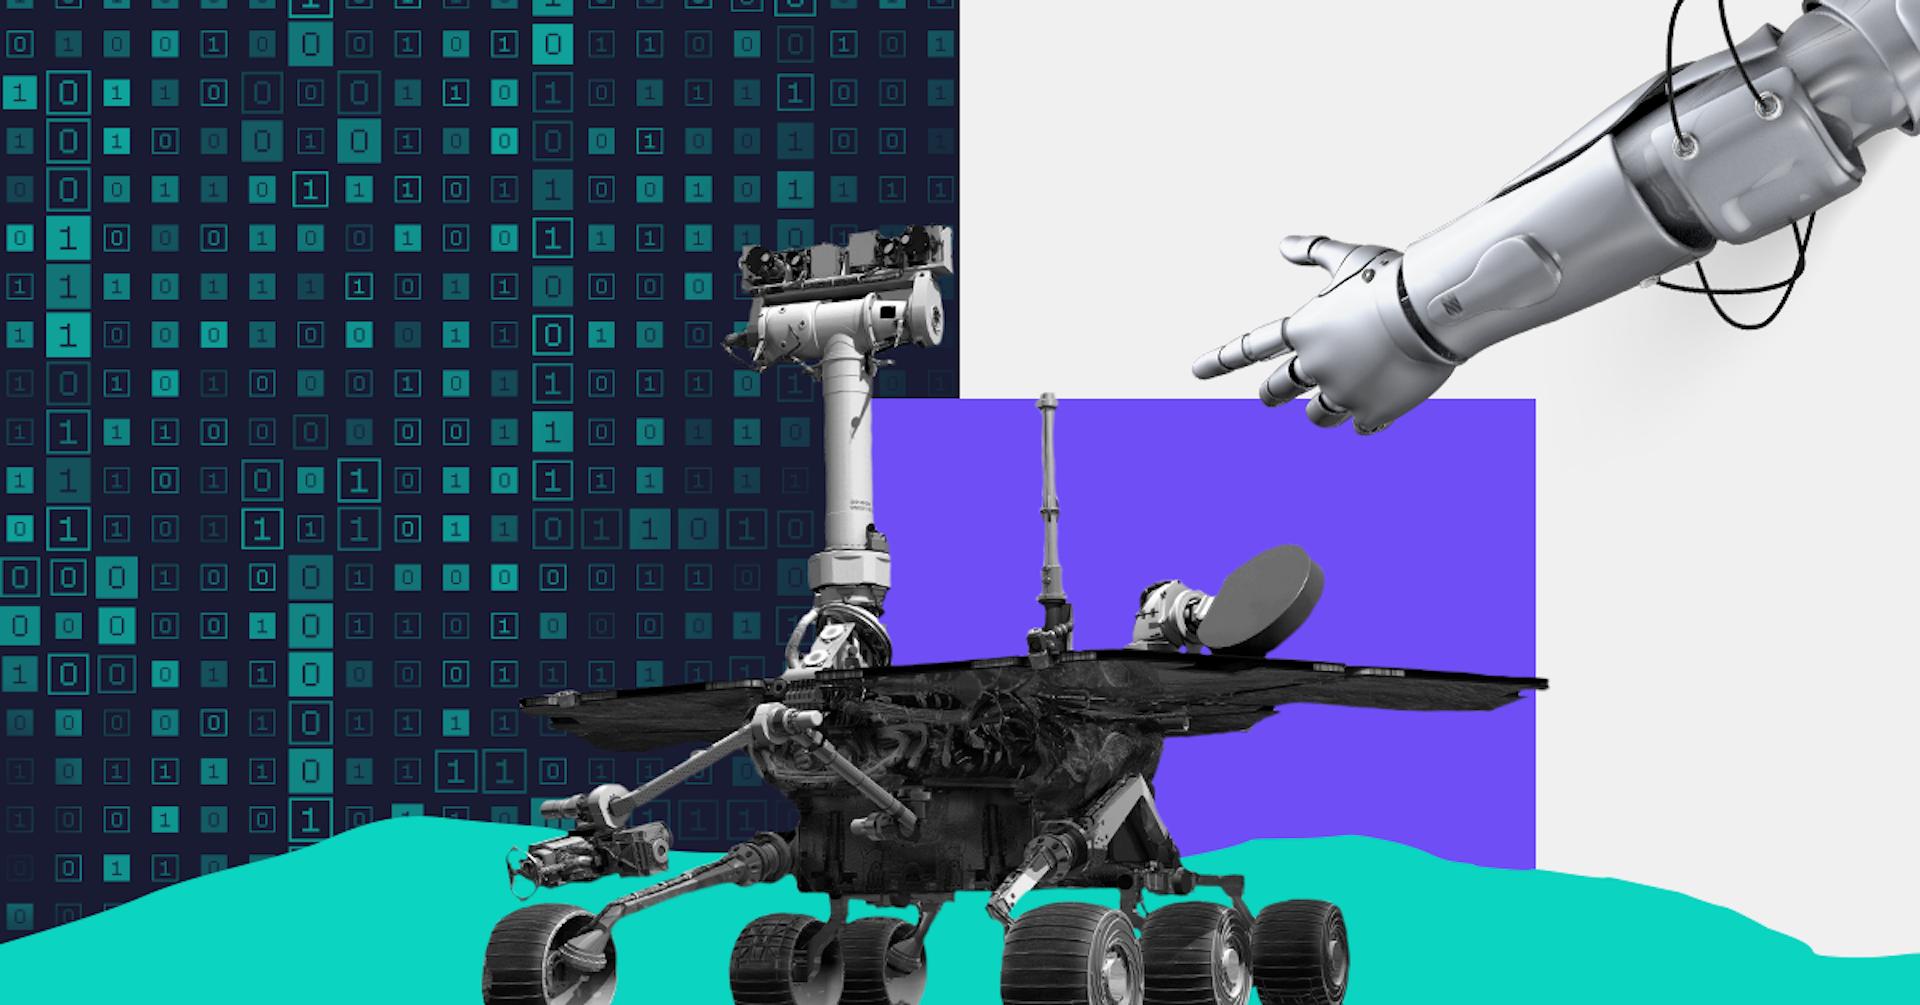 ¿Qué tipos de robots existen y cuáles son los más exitosos?